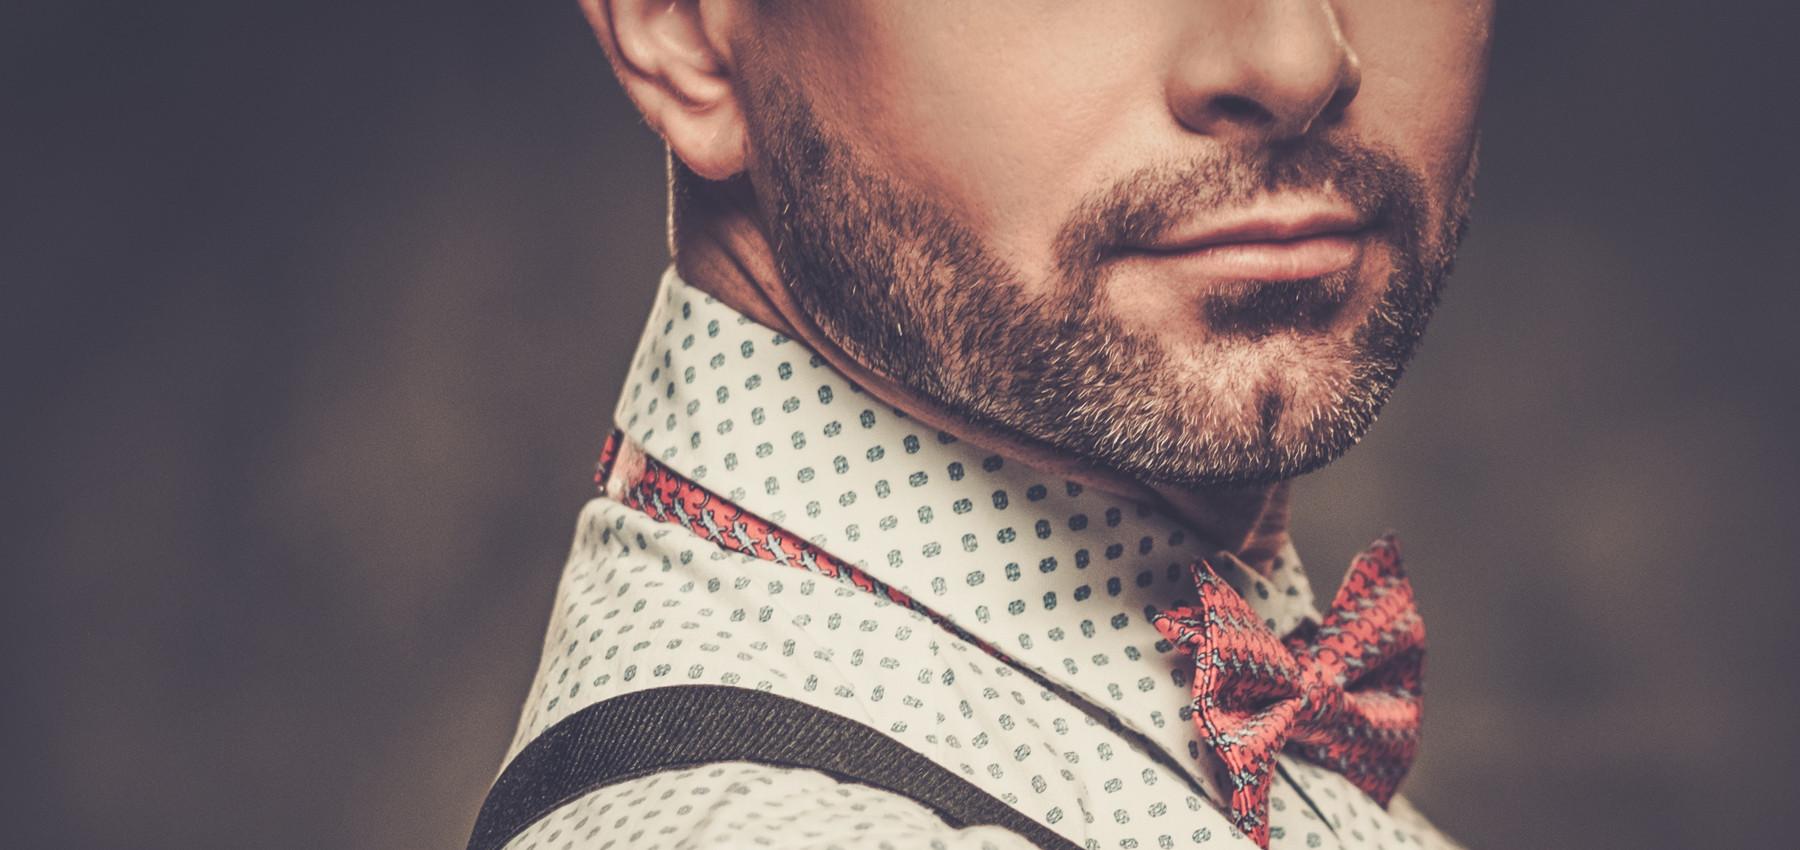 работа веб моделью для мужчин